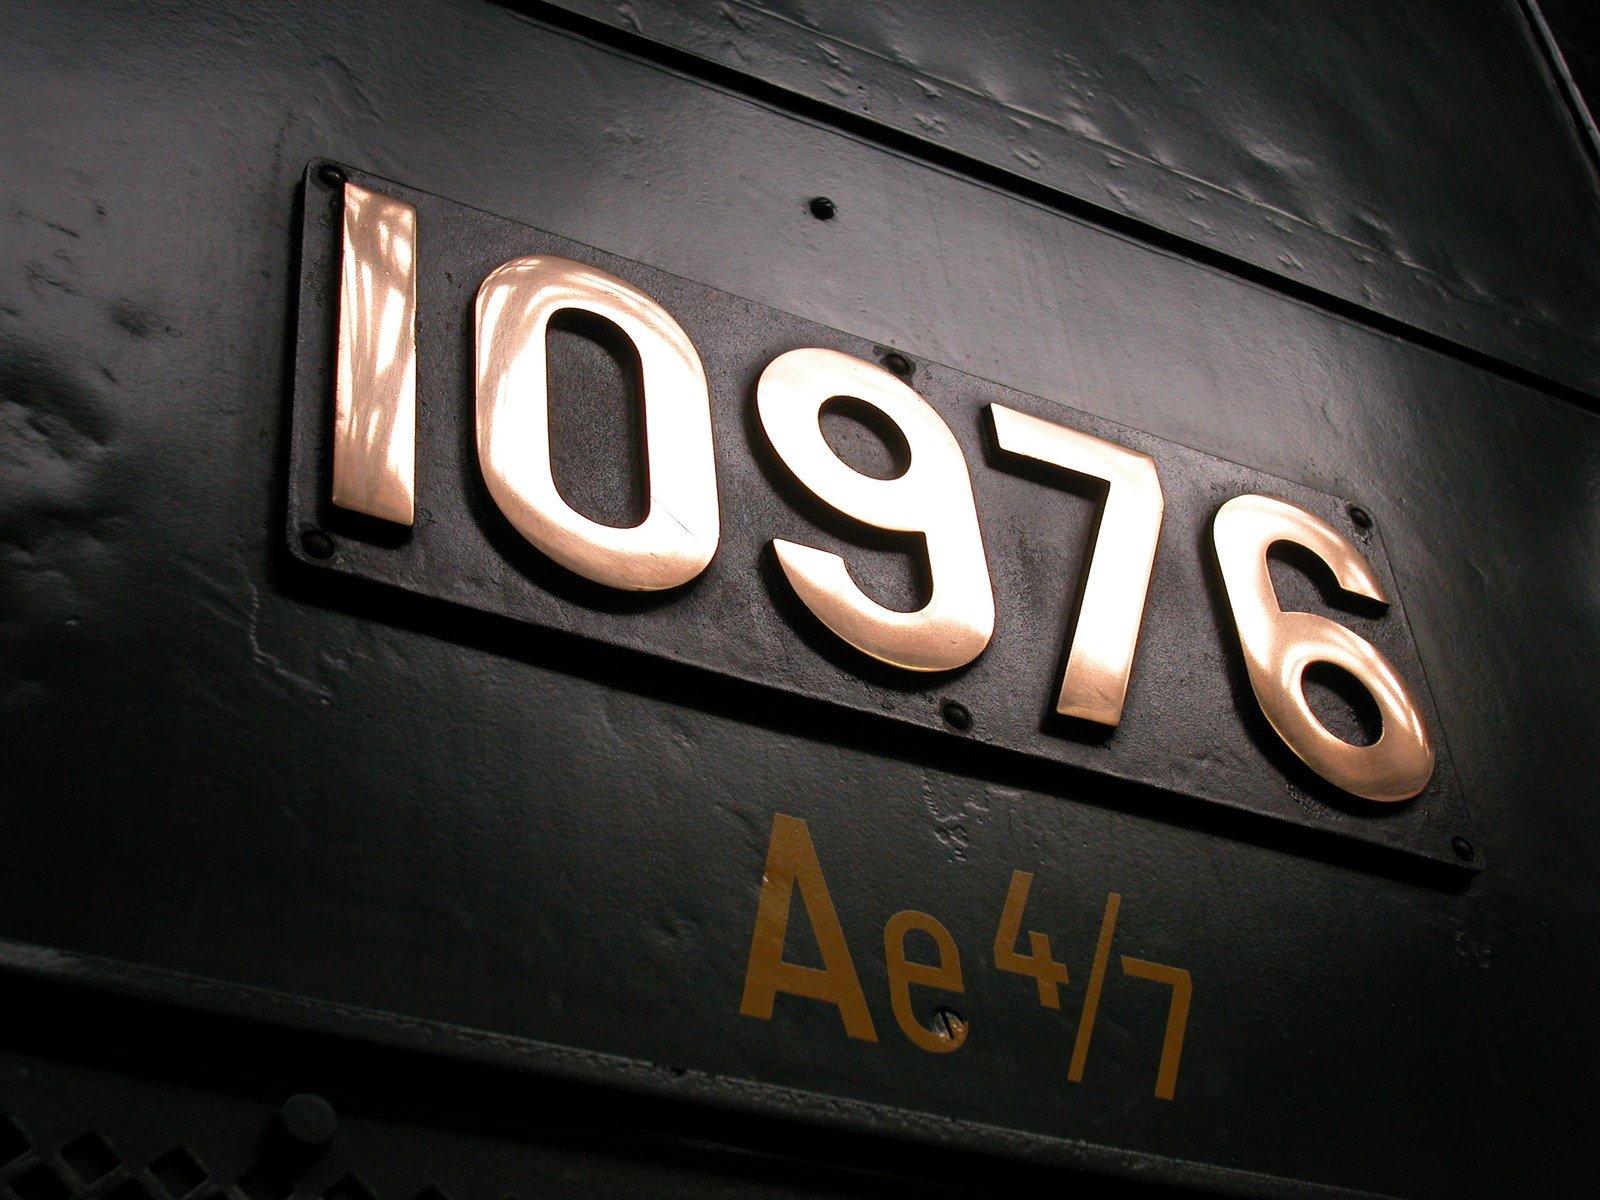 LOC number